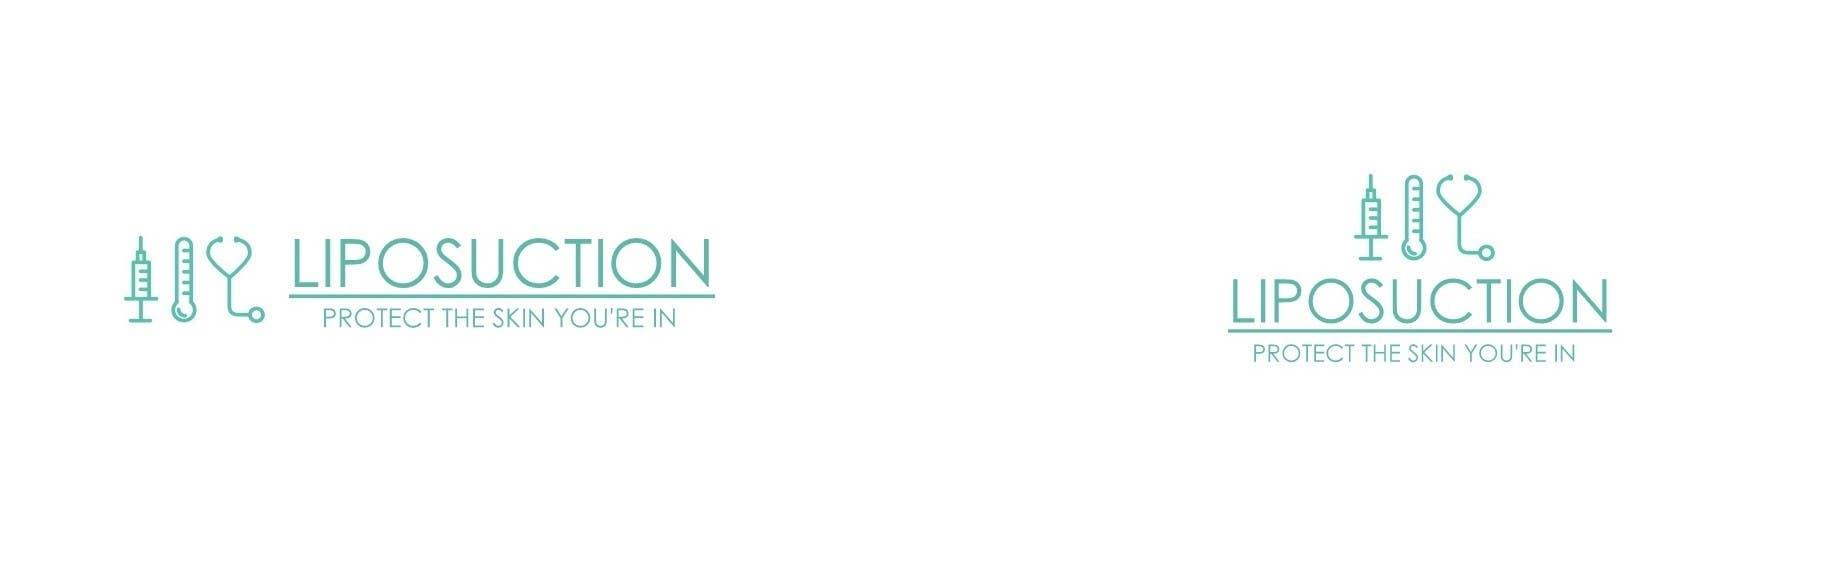 Bài tham dự cuộc thi #20 cho Name + Design logo + slogan